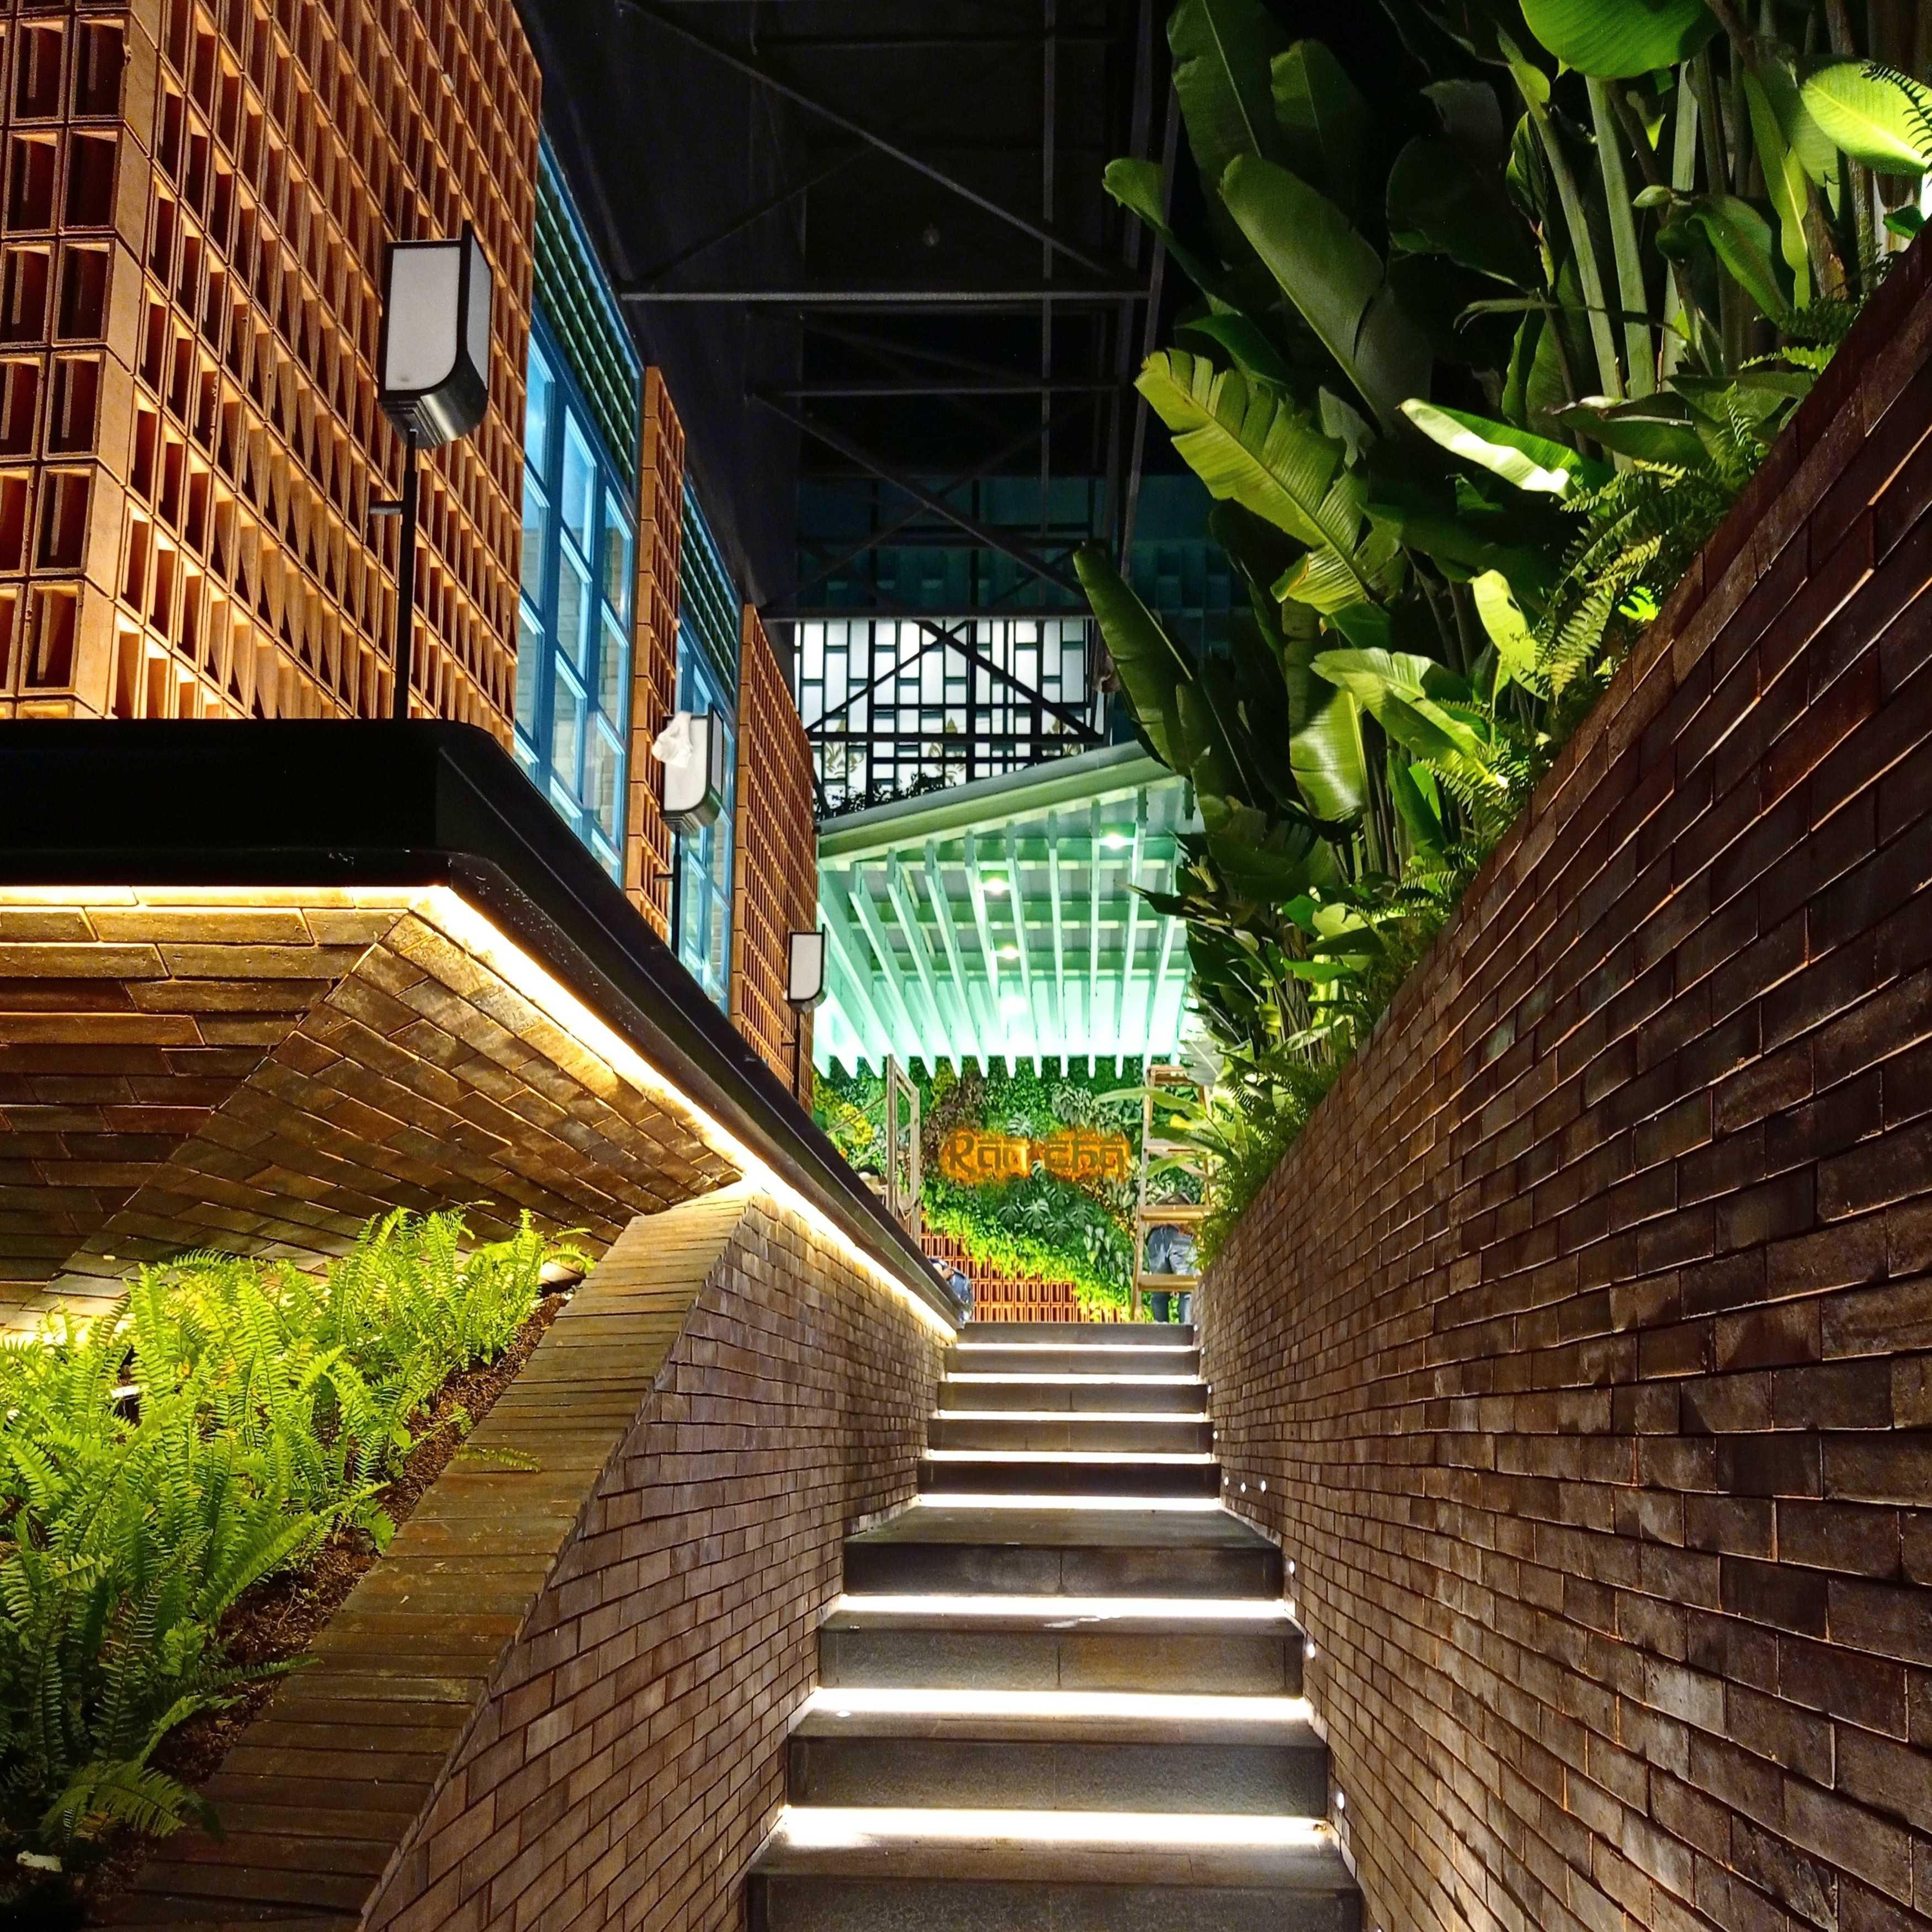 Greenxscape Raacha Suki & Bbq Bogor, Jawa Barat, Indonesia Bogor, Jawa Barat, Indonesia Greenxscape-Raacha-Suki-Bbq   109861